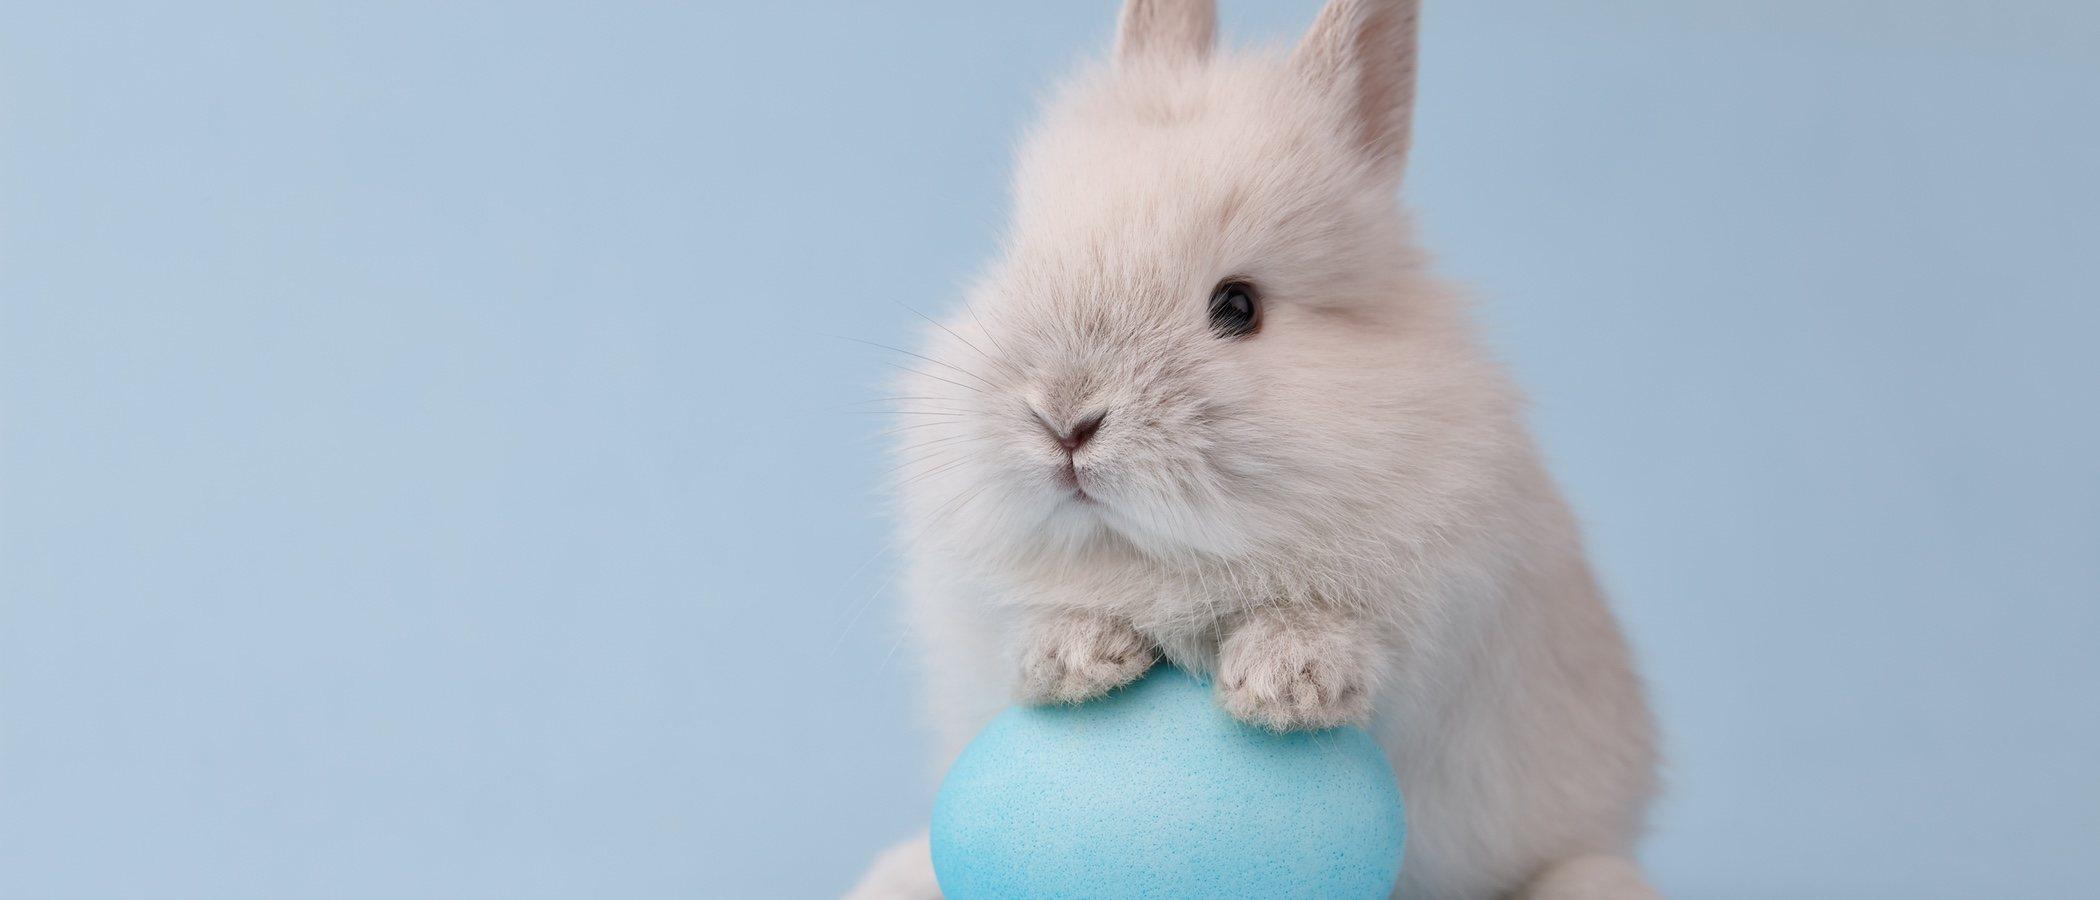 Caída del pelo en conejos: razones distintas a la muda común